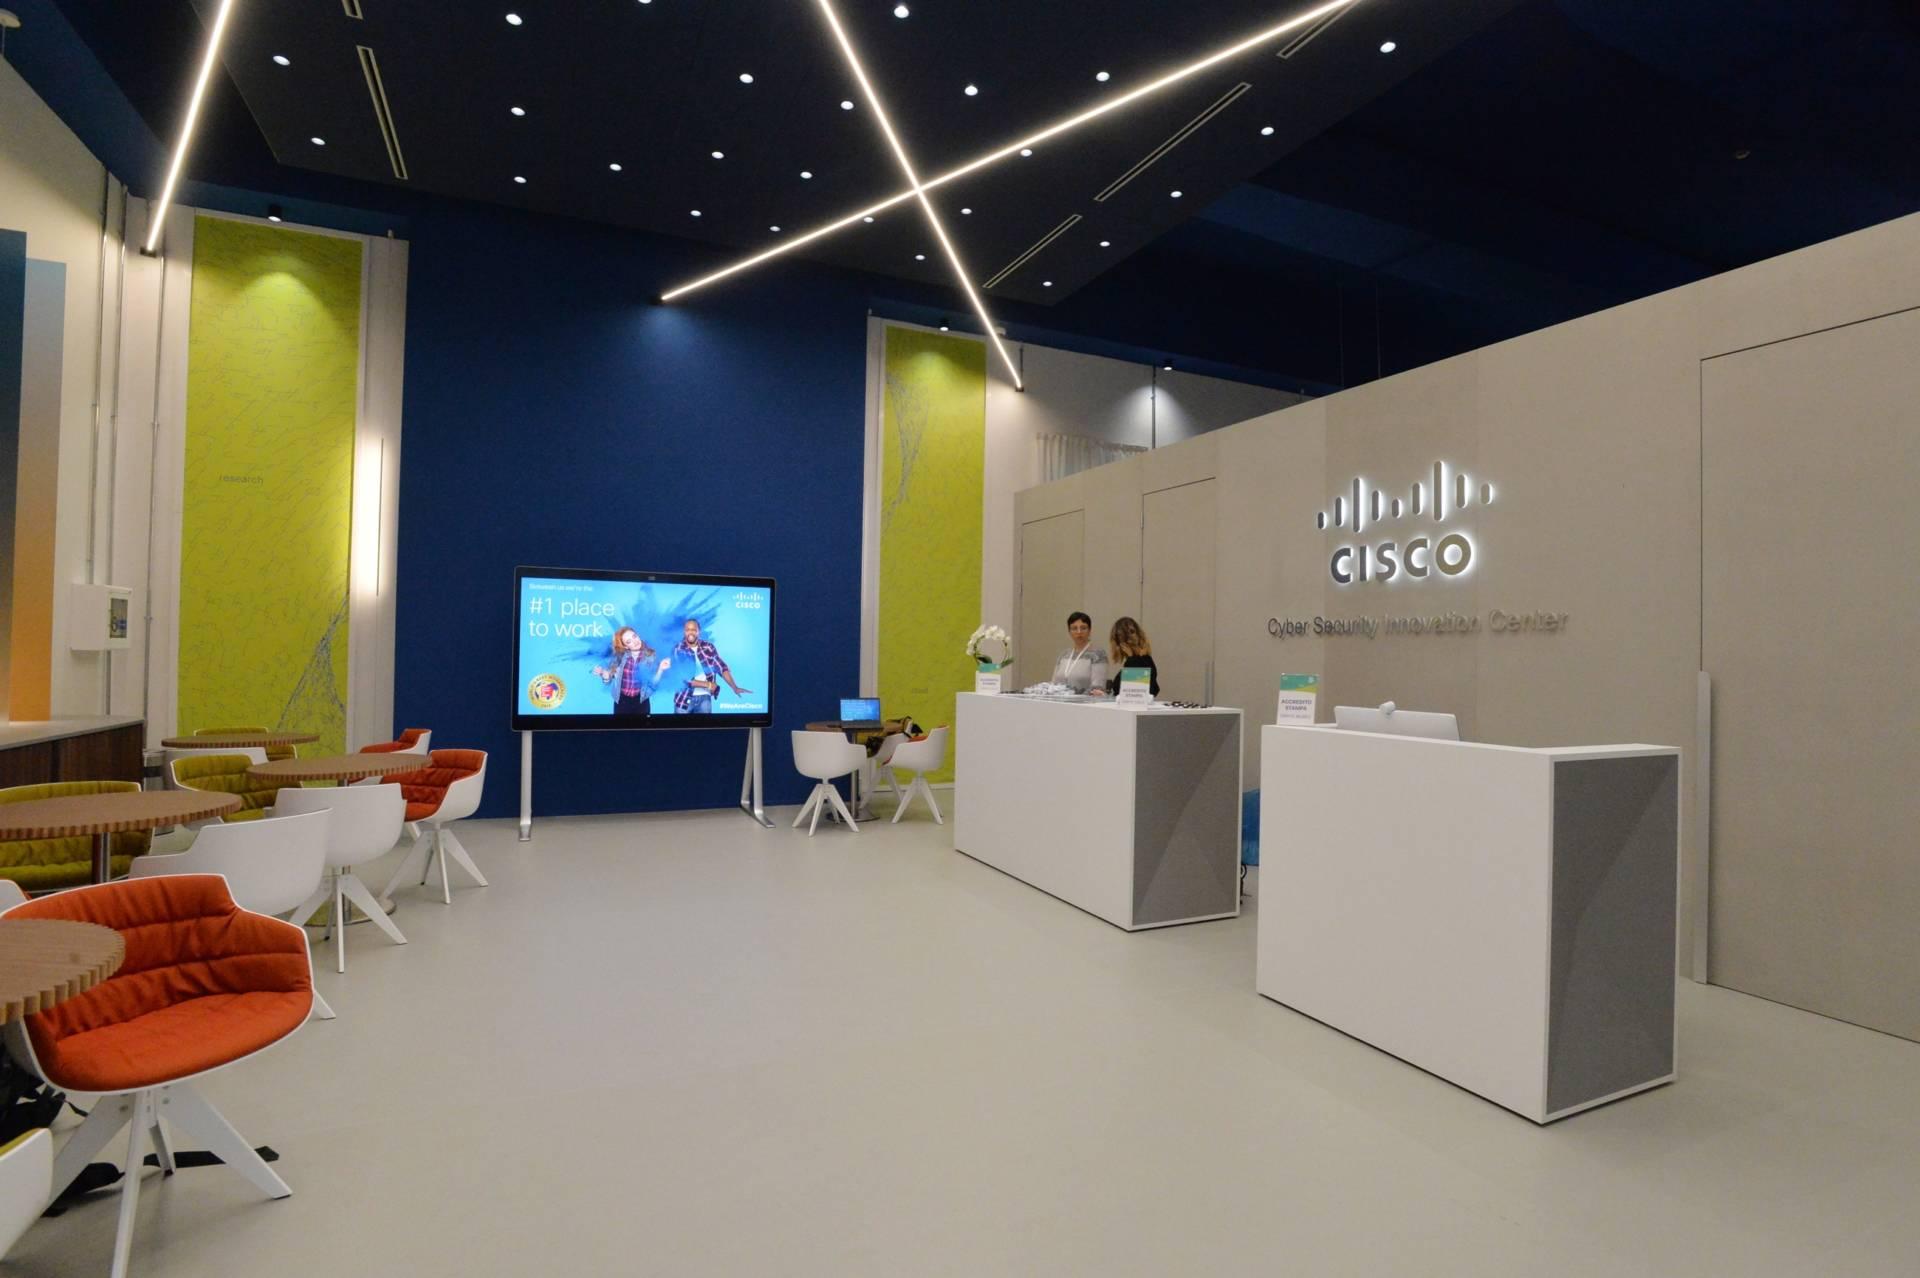 Apre il Cisco Co-Innovation Center a Milano, ecco a cosa serve